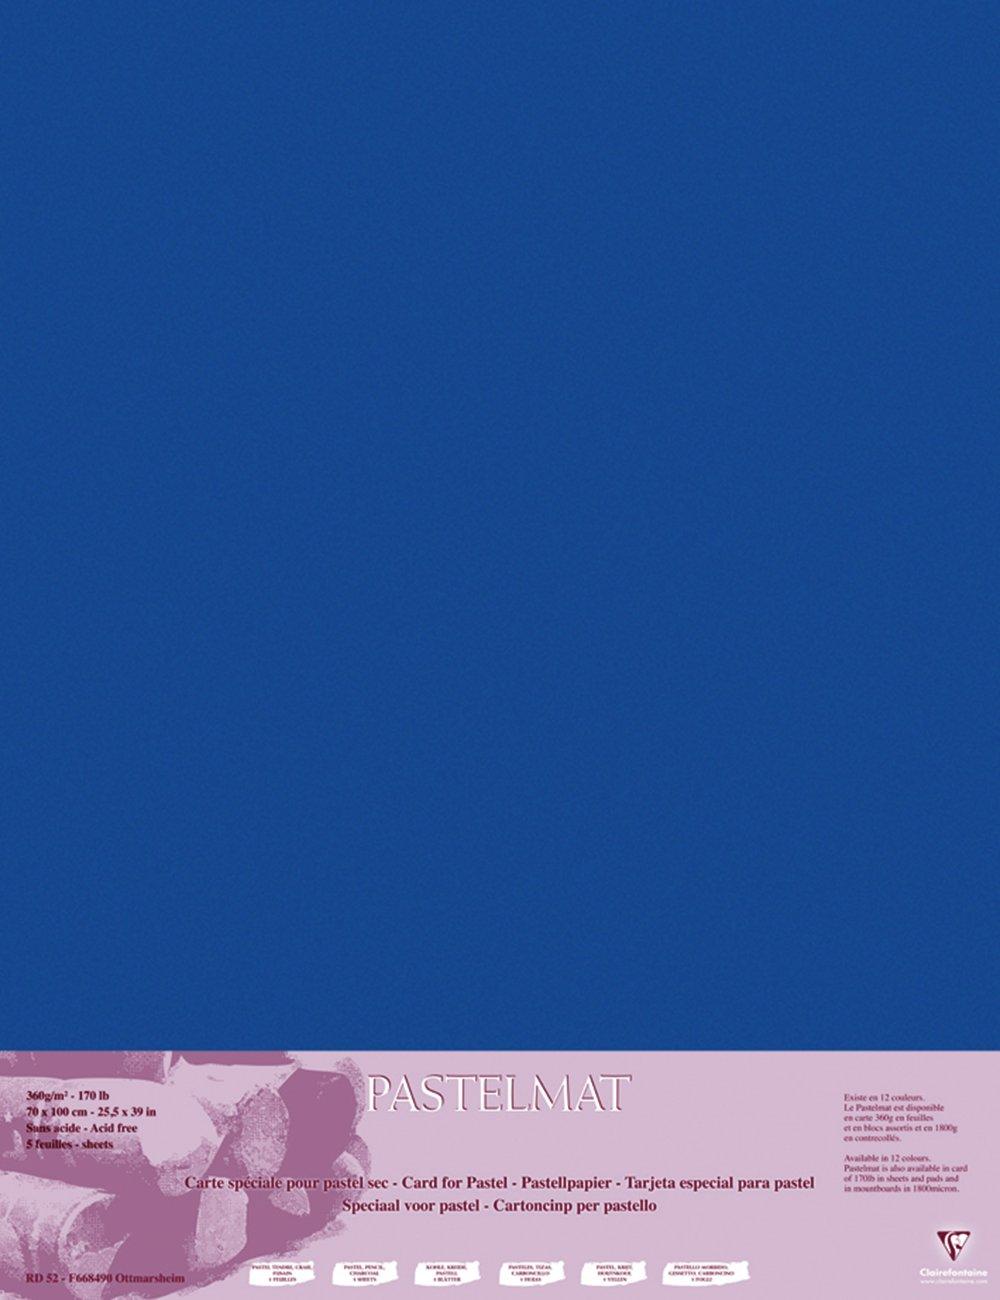 Clairefontaine 96011C Packung (mit 5 Zeichenbögen Pastelmat, 50 x 70 cm, 360 g, ideal für Trockentechniken und Pastell) braun B017NEF80C   Angemessene Lieferung und pünktliche Lieferung